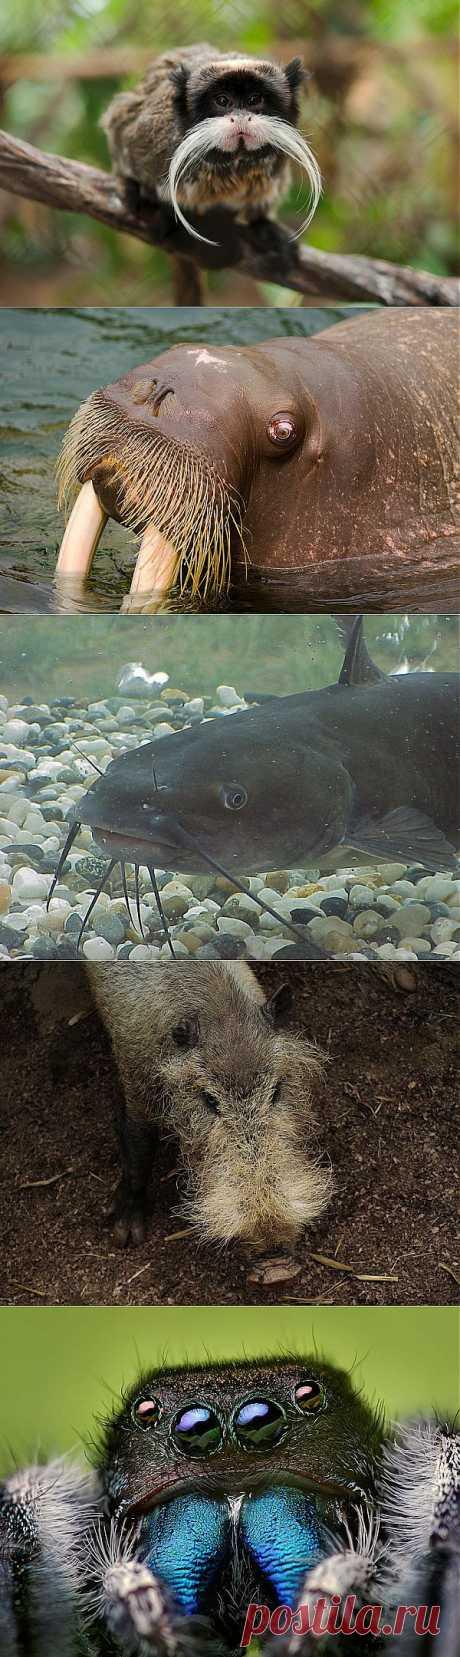 Удивительные животные, которые могут похвастаться усами | Наука и техника